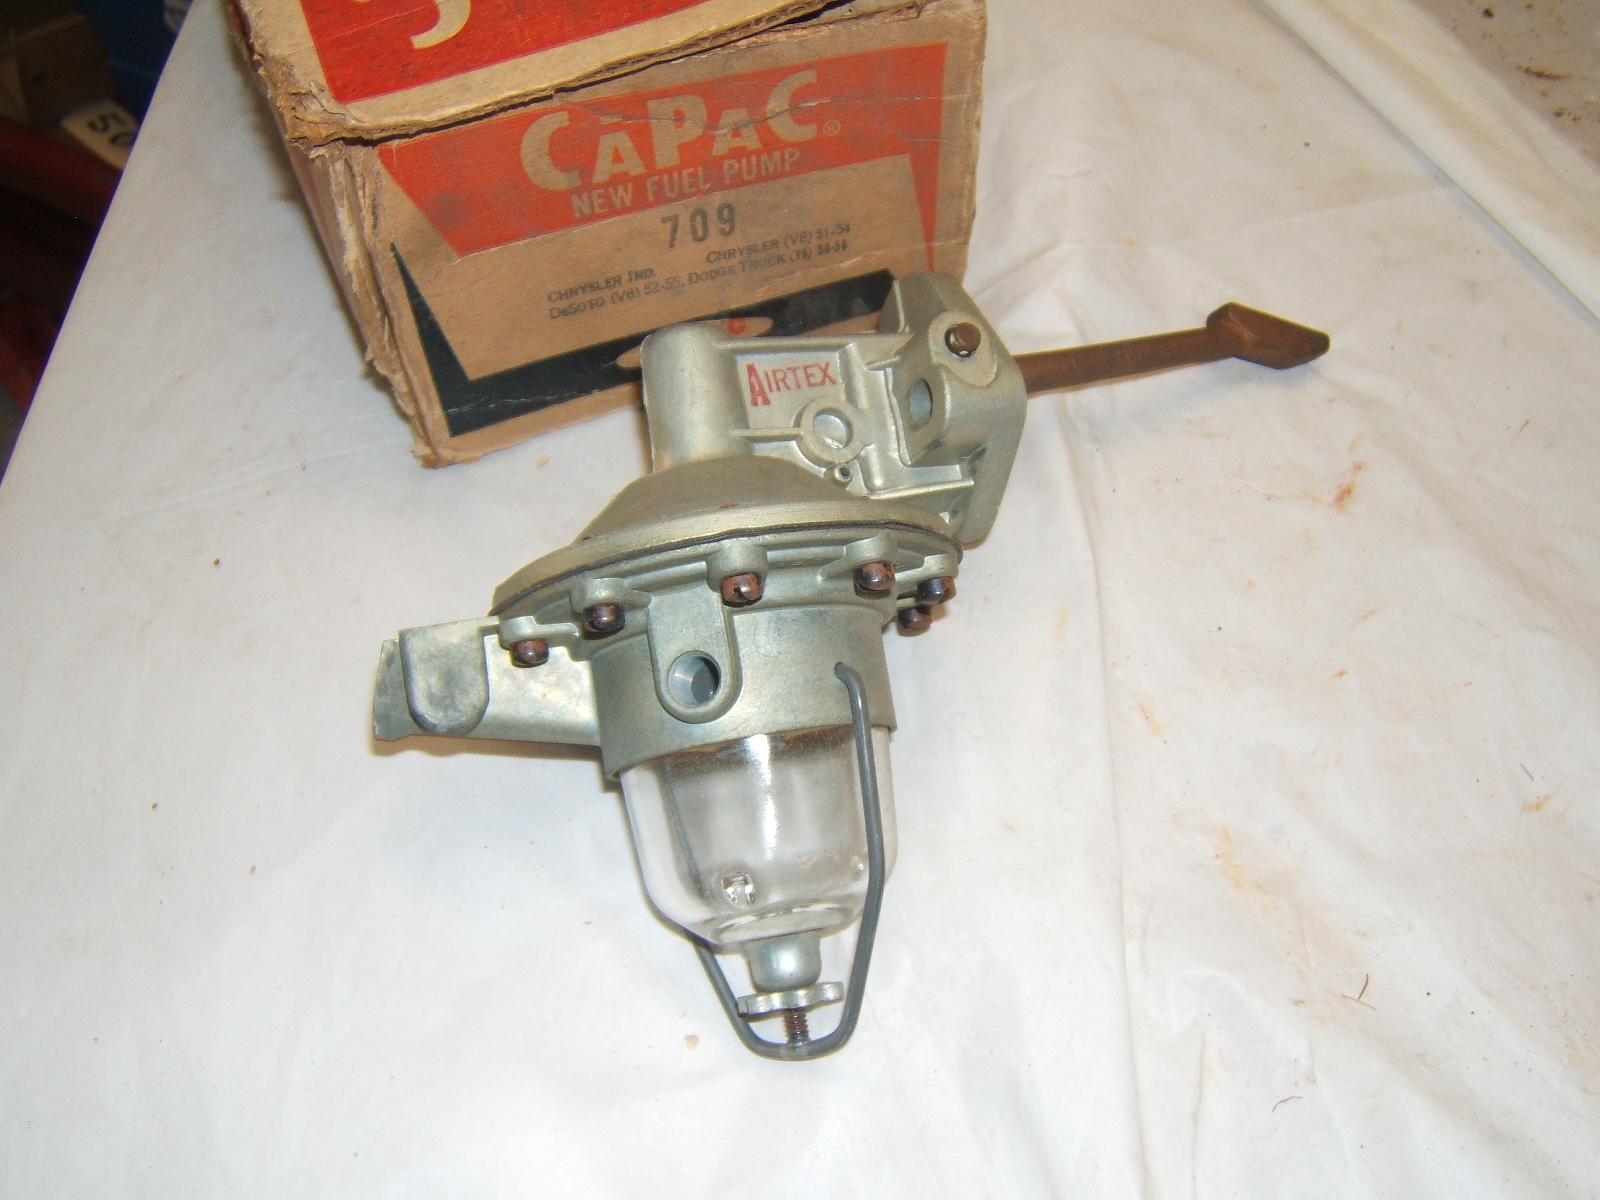 1951 52 53 54 55 Chrysler Desoto glass bowl fuel pump #9651 #709 (A 9651W1)